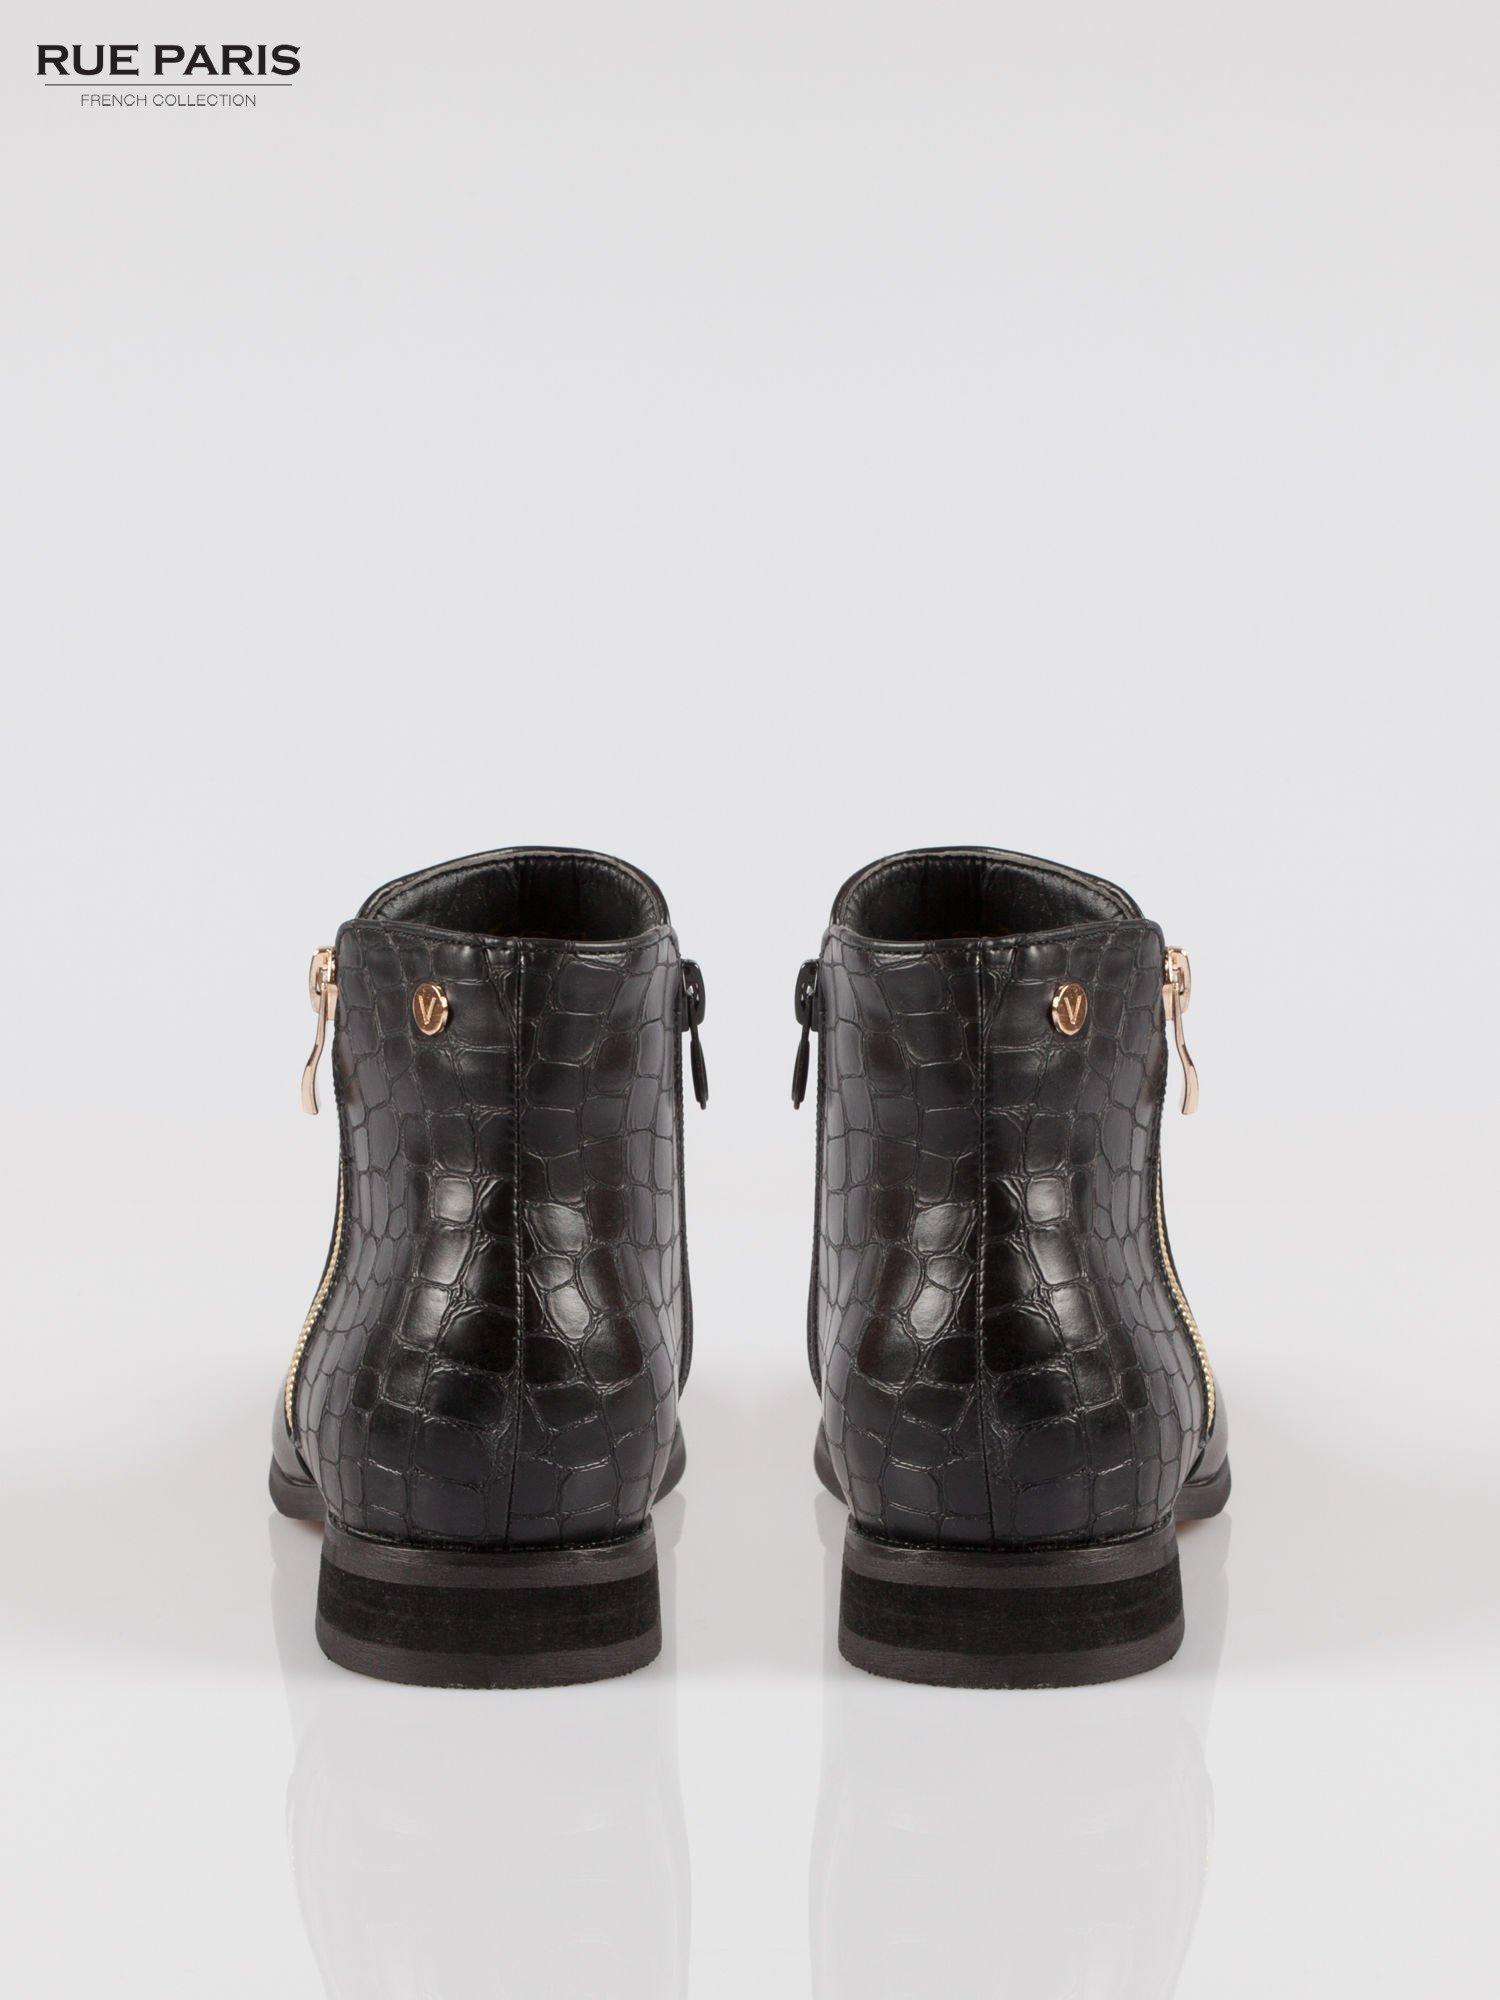 Czarne botki ze złotym zamkiem i tyłem z efektem skóry krokodyla                                  zdj.                                  3